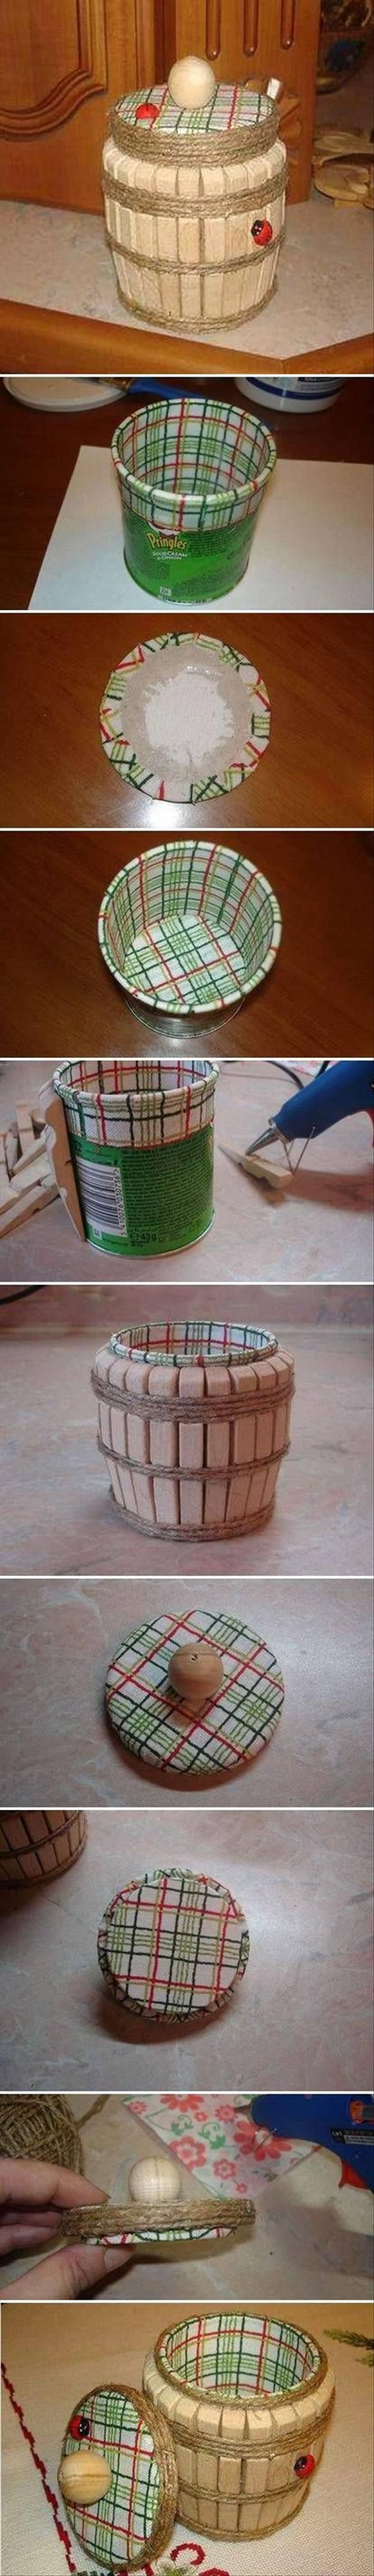 Reciclando envase de Papas